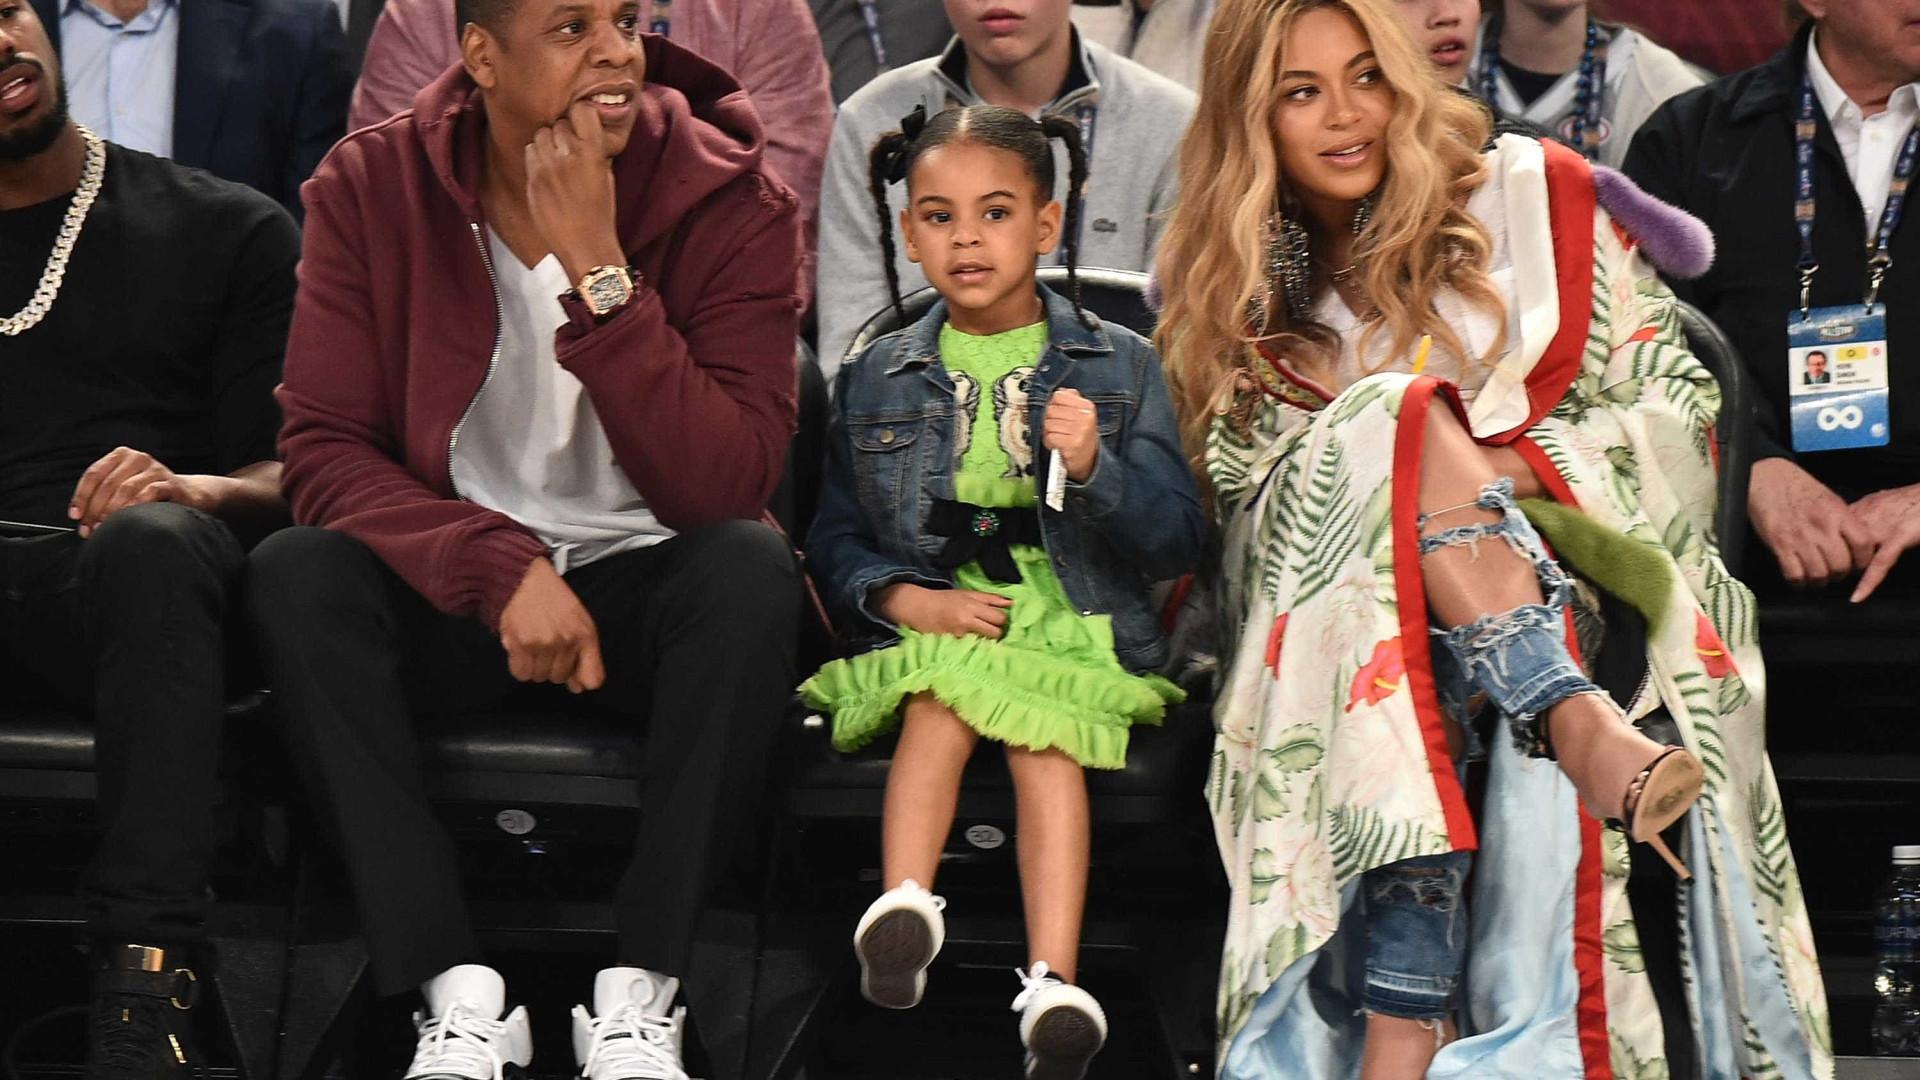 Site revela os nomes dos gêmeos de Beyoncé e Jay Z! OMG!